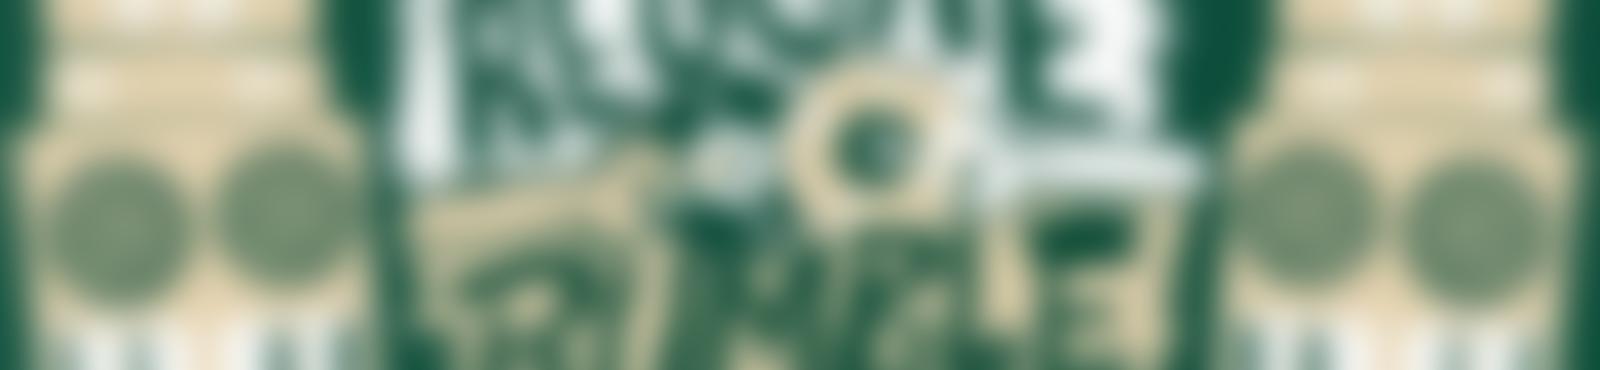 Blurred b5b31666 8f68 4ef1 b227 3d2e3573a881